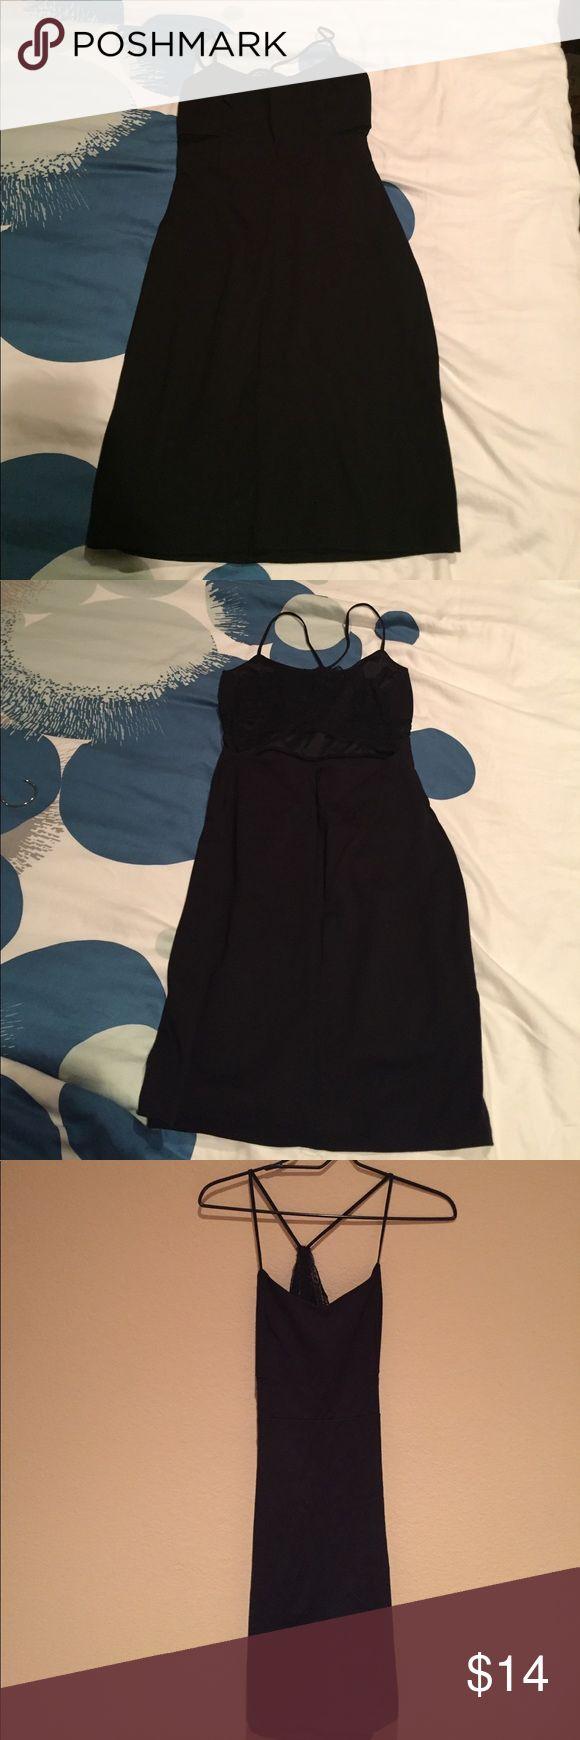 Sexy little black dress Express black lace back, spaghetti strap mini dress Dresses Mini